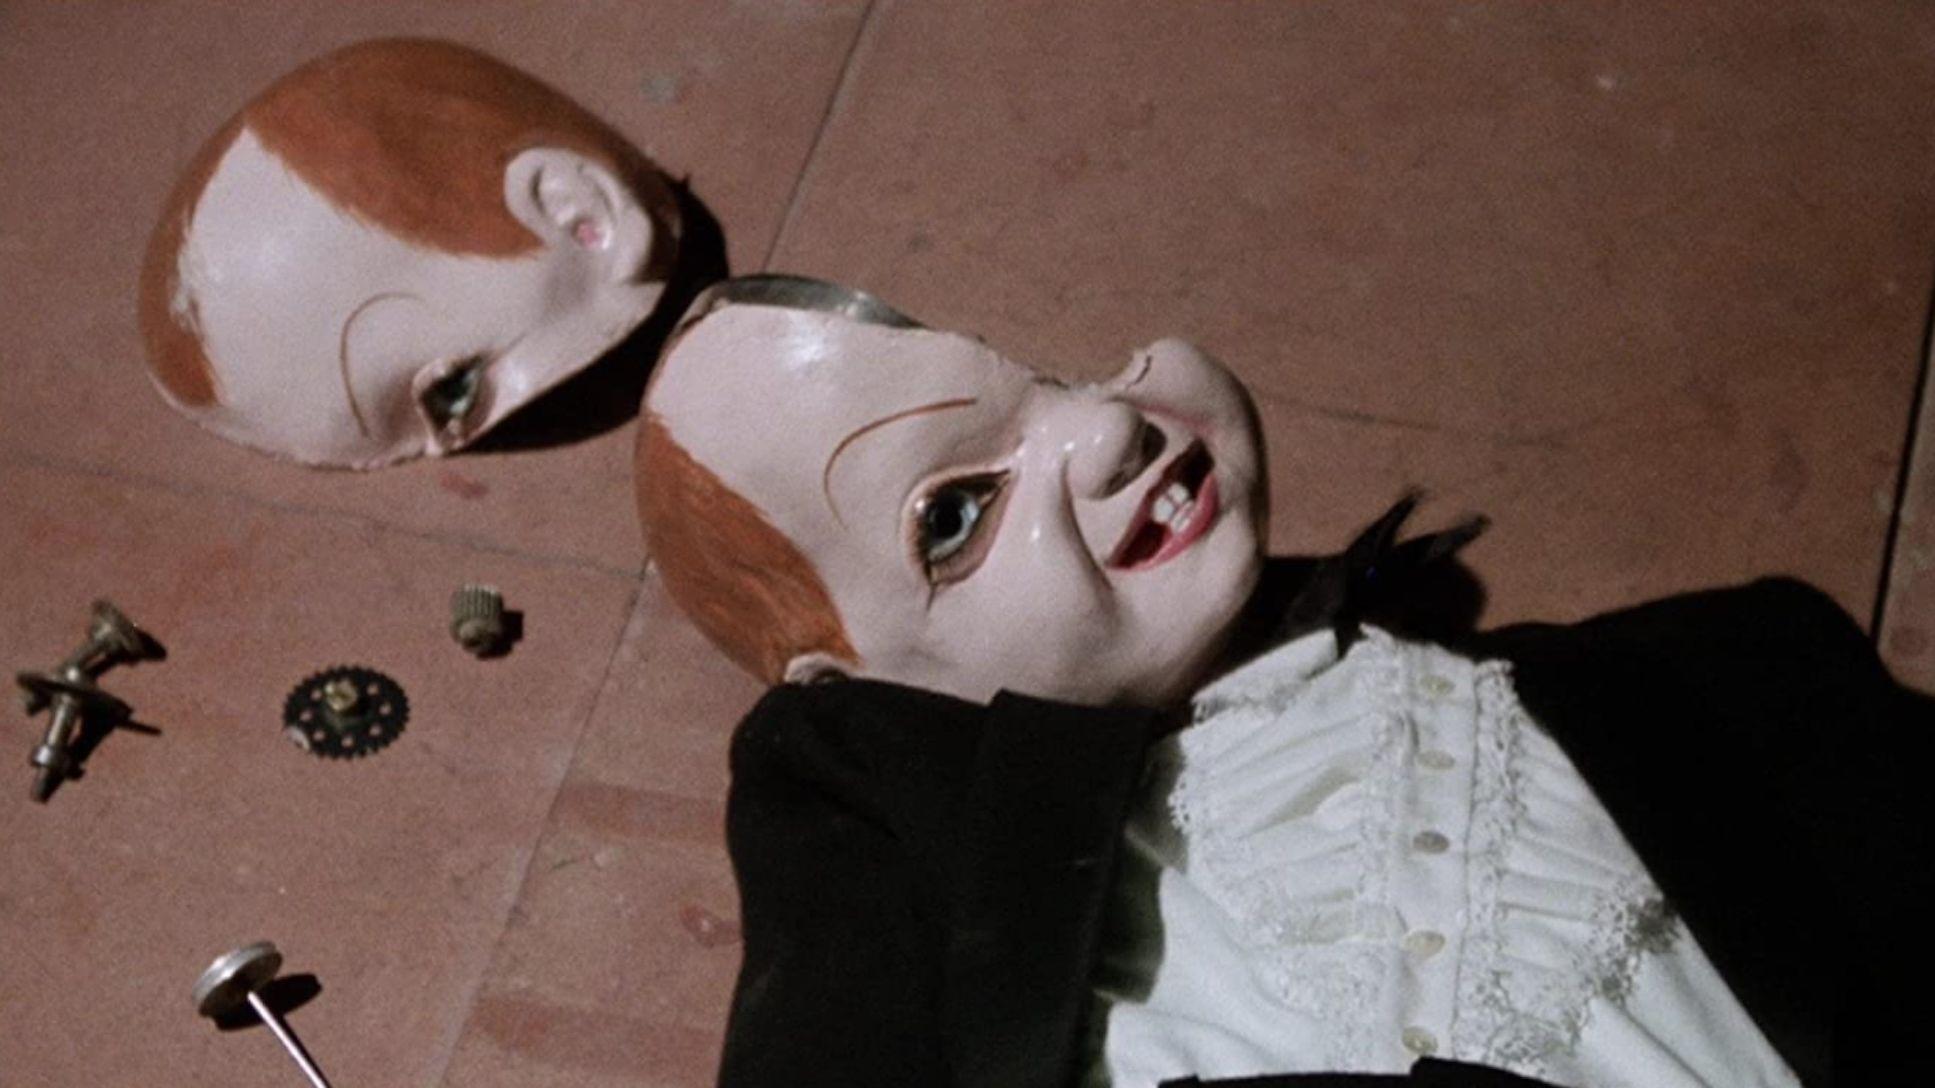 The 11 Wildest Horror Movie Plot Twists